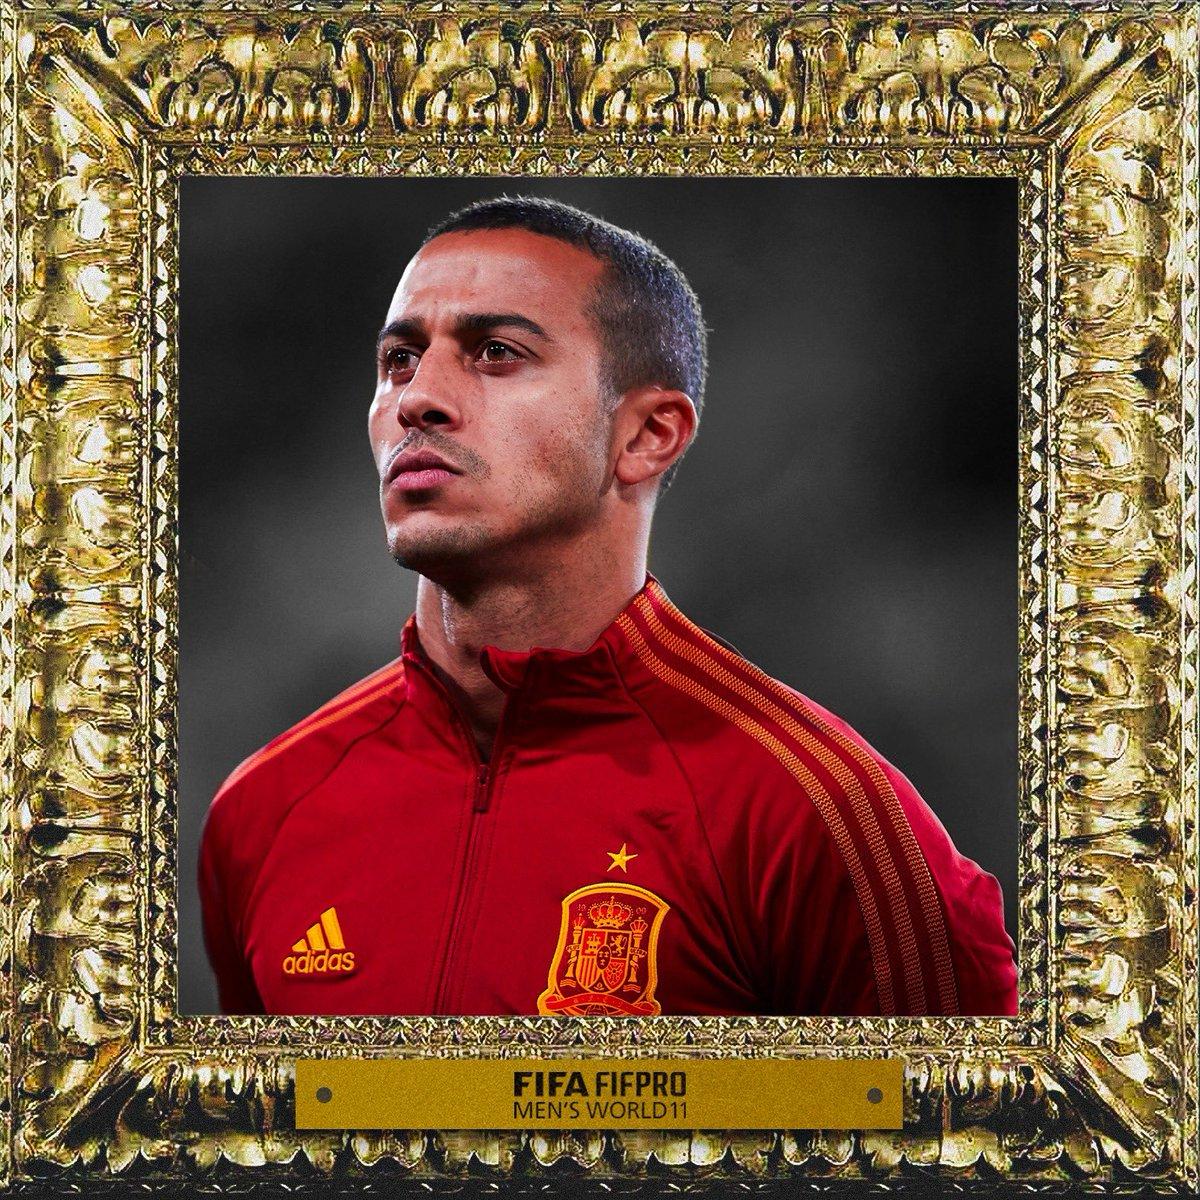 Replying to @Mazinho__17: 2020 FIFPRO Men's World XI. Muito feliz e orgulhoso de você, filho. Te amo. #Orgulho